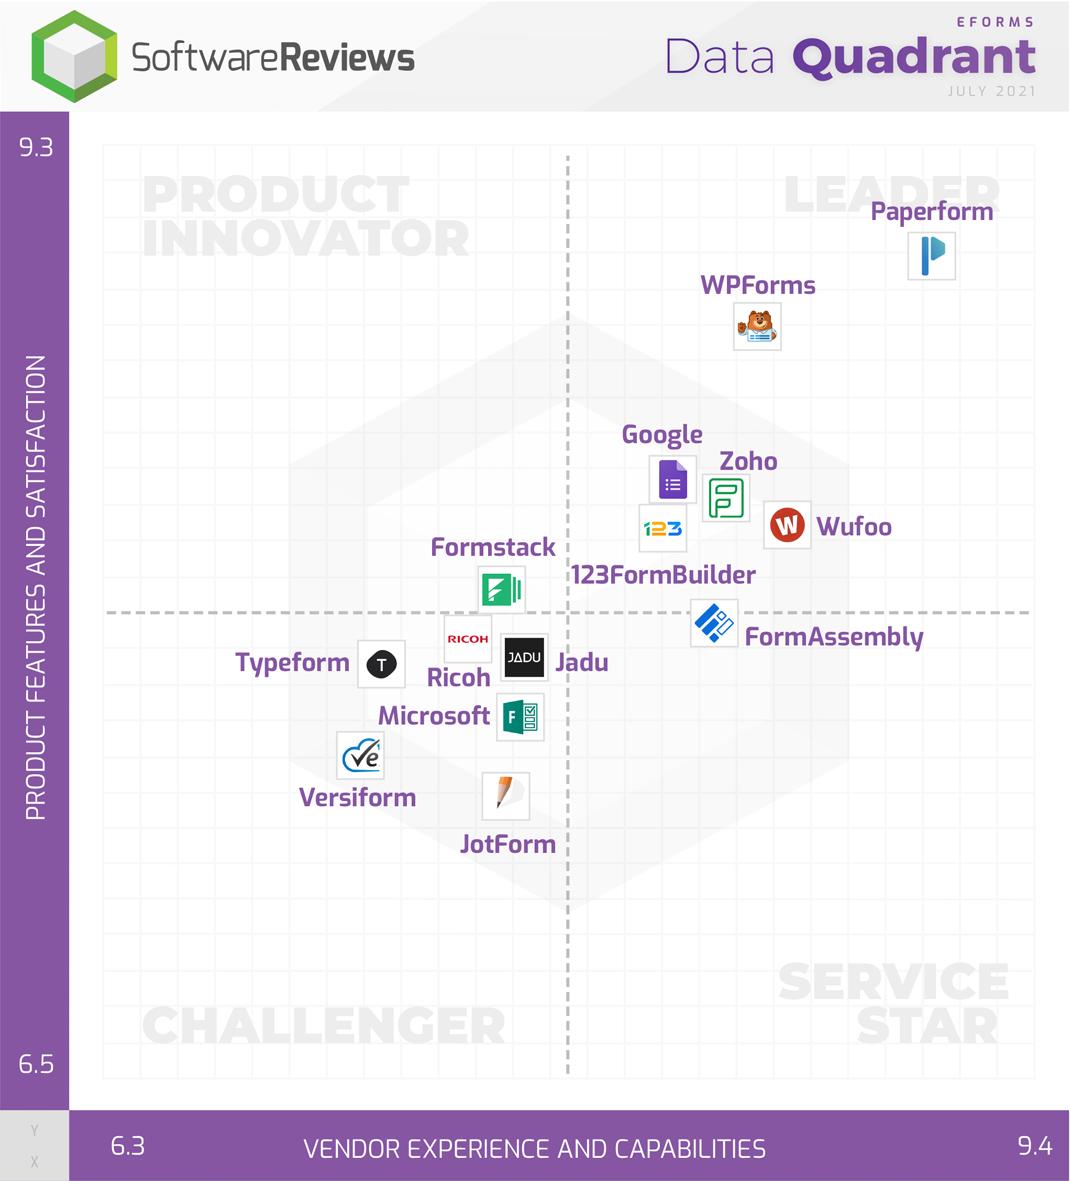 eForms Data Quadrant